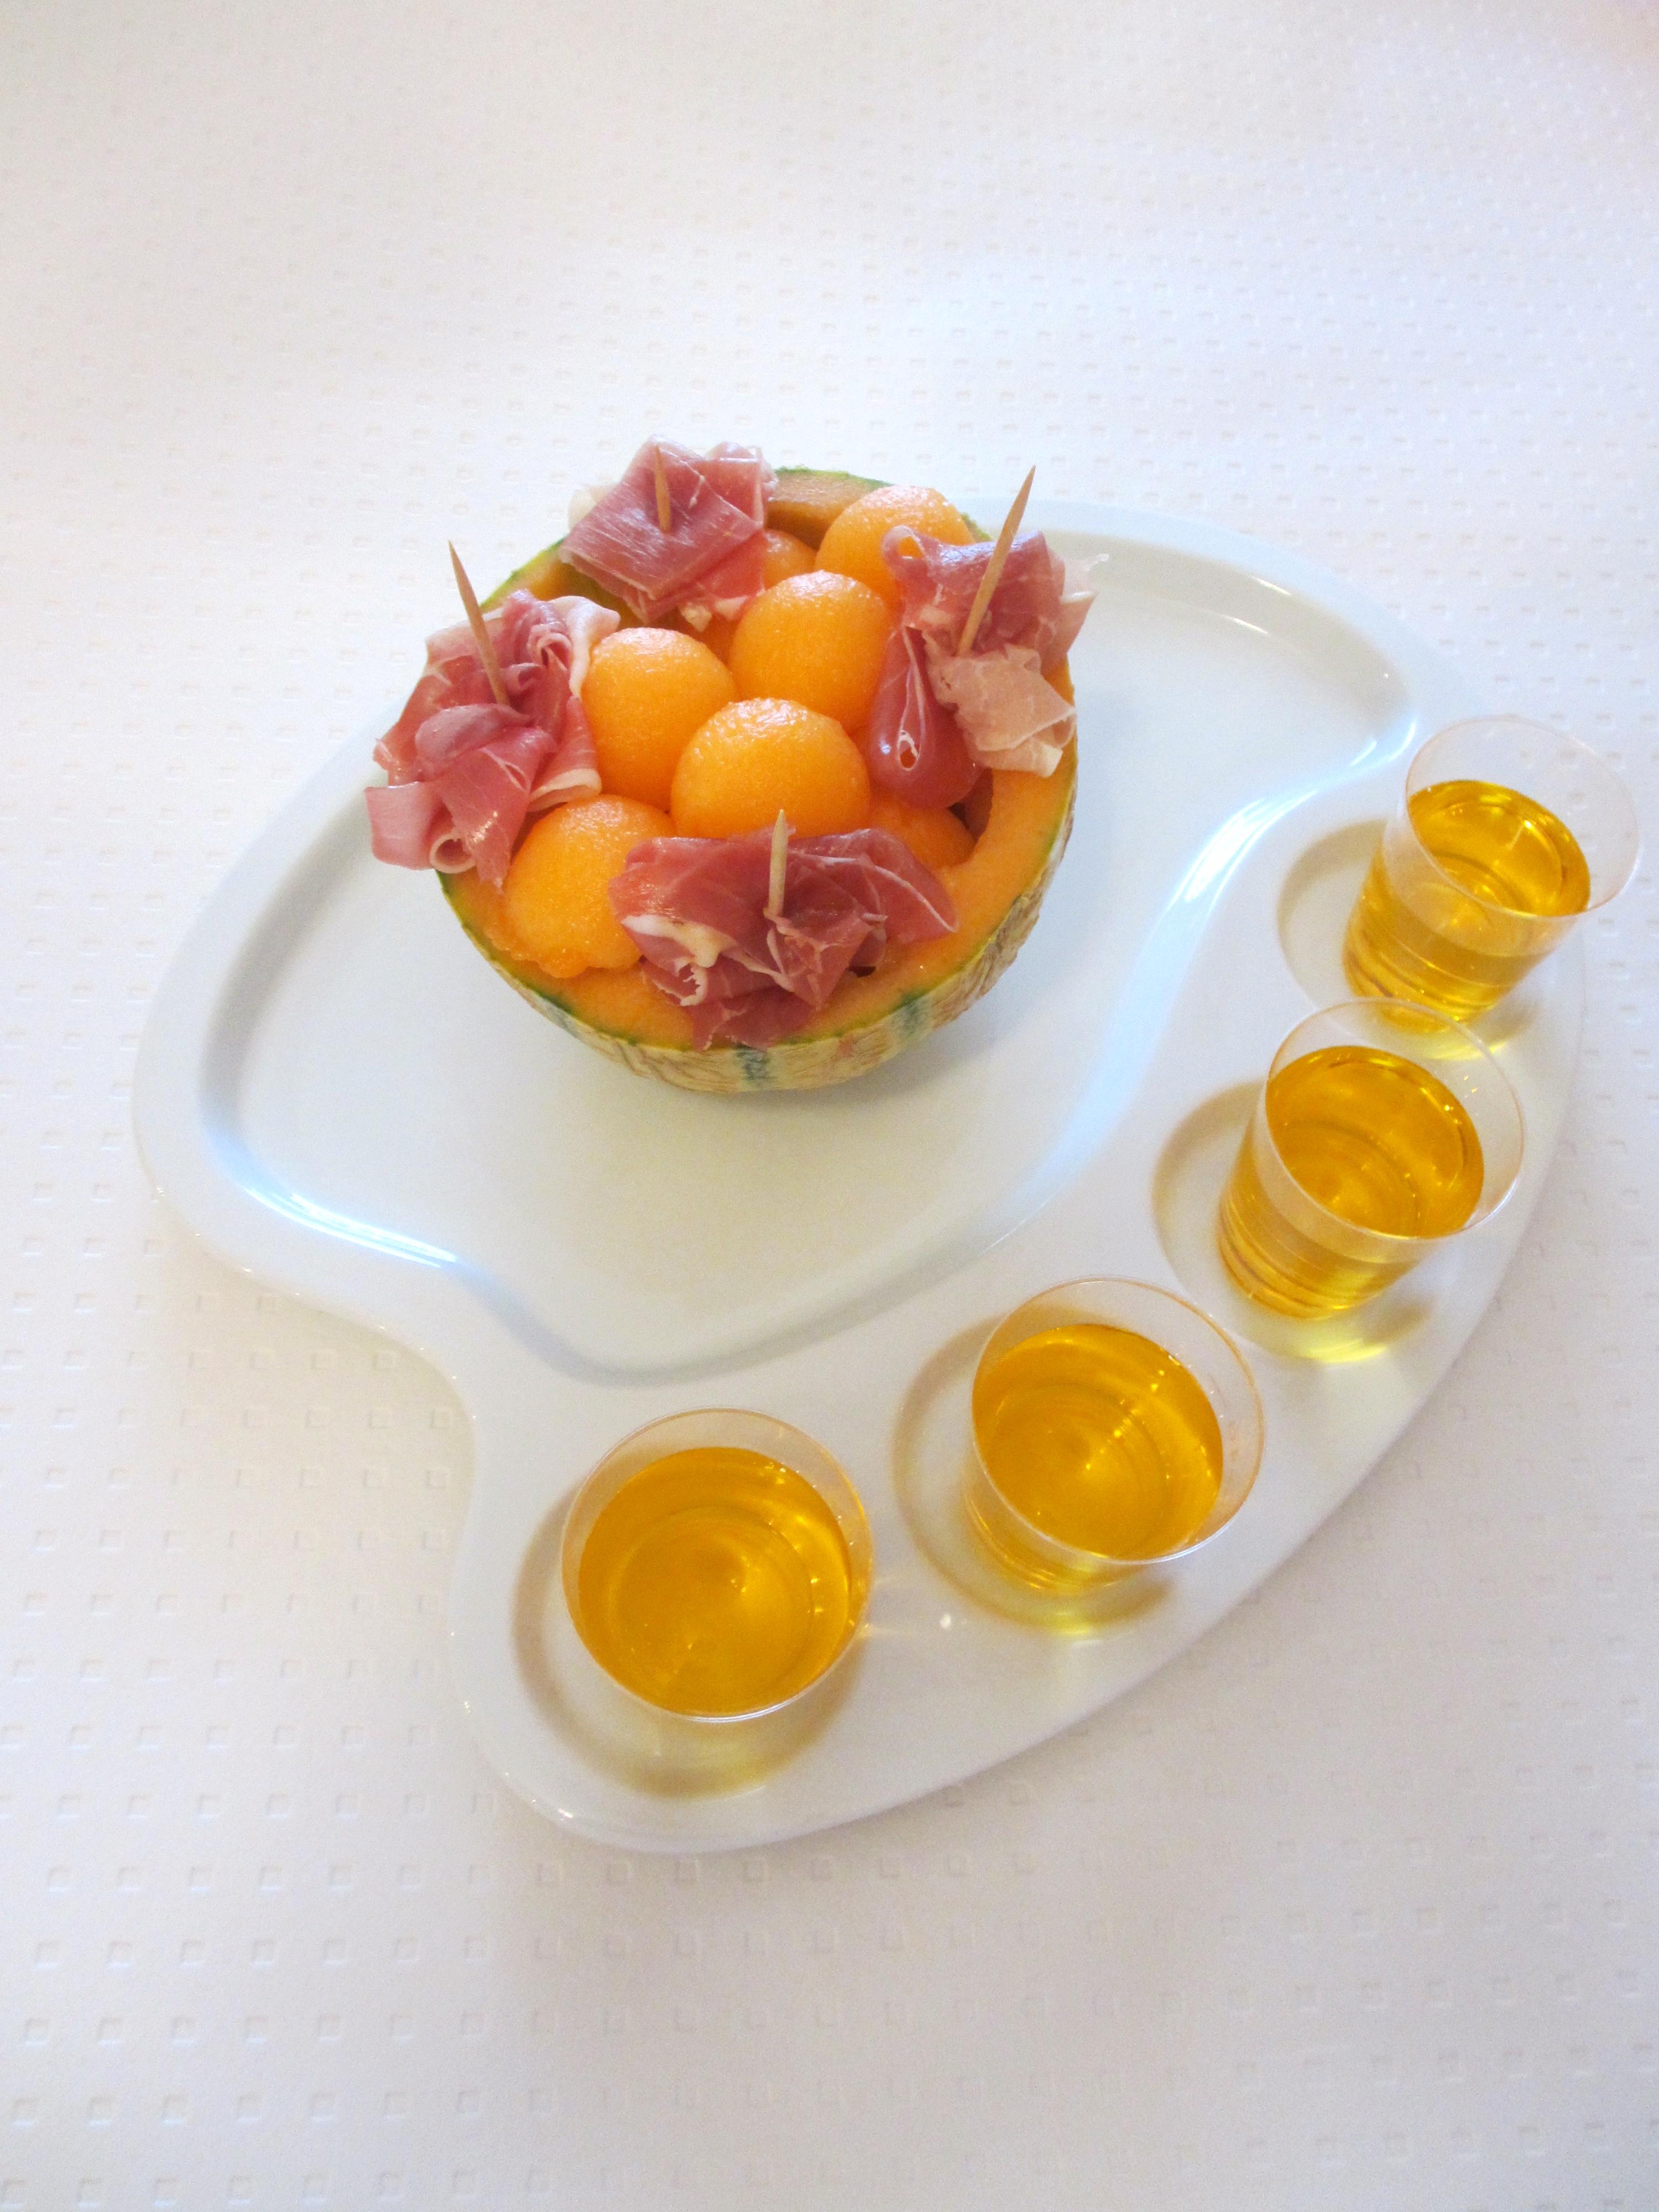 Melonade au jambon fum diet d lices recettes for Entree estivale